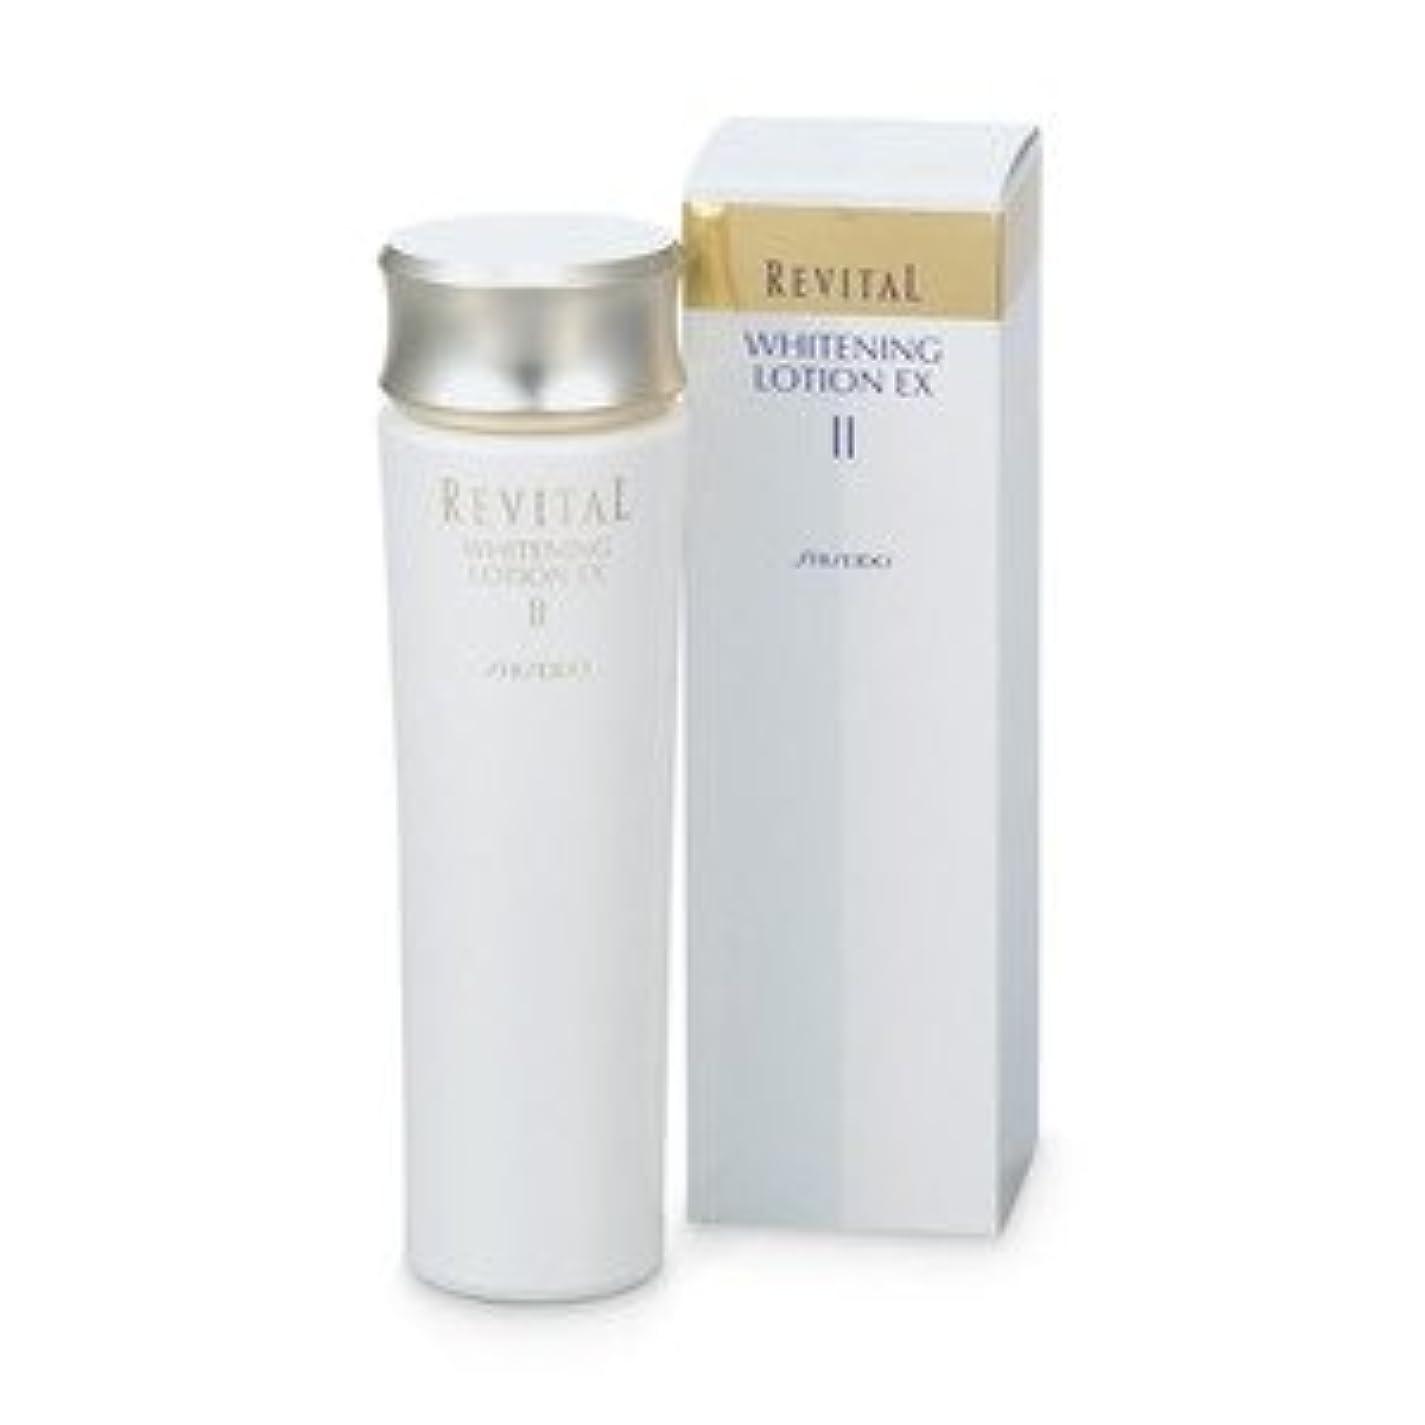 呼吸する快適通貨資生堂 リバイタル ホワイトニングローションEX II しっとりとなめらか 130ml アウトレット